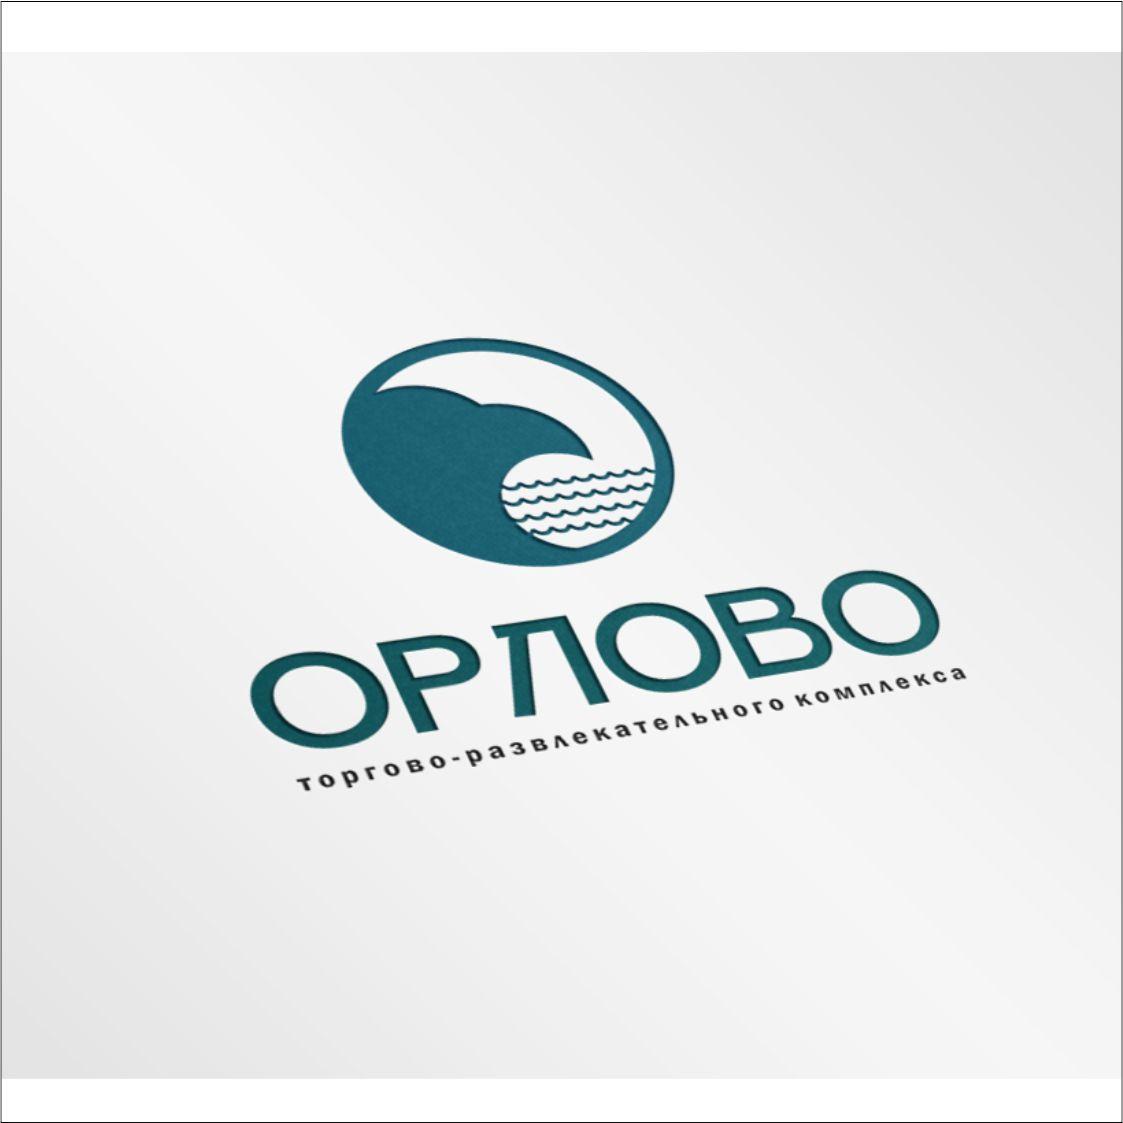 Разработка логотипа для Торгово-развлекательного комплекса фото f_7995972e3d2a433f.jpg